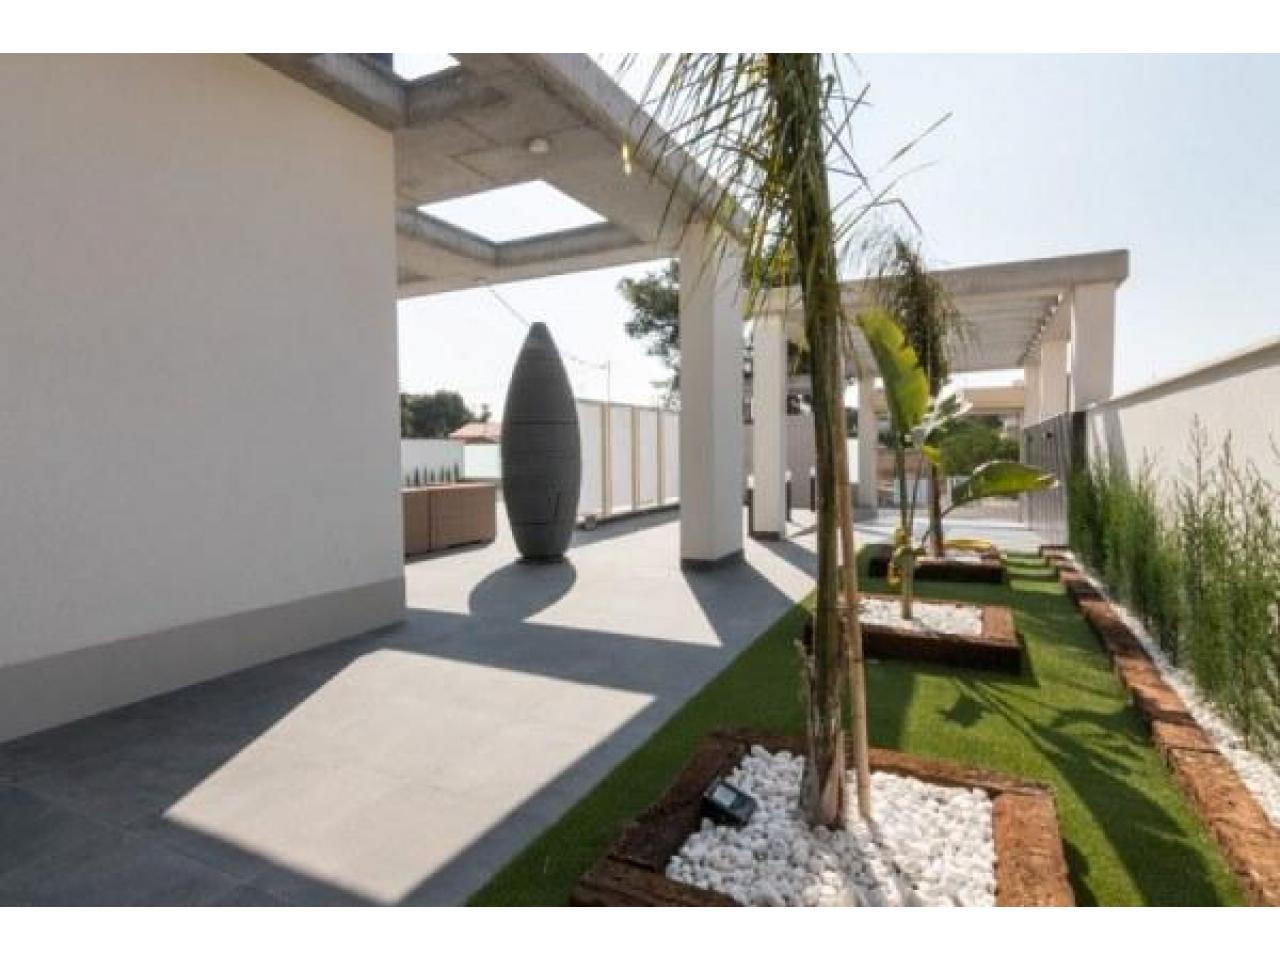 Недвижимость в Испании, Новая вилла рядом с морем от застройщика в Кампельо - 3